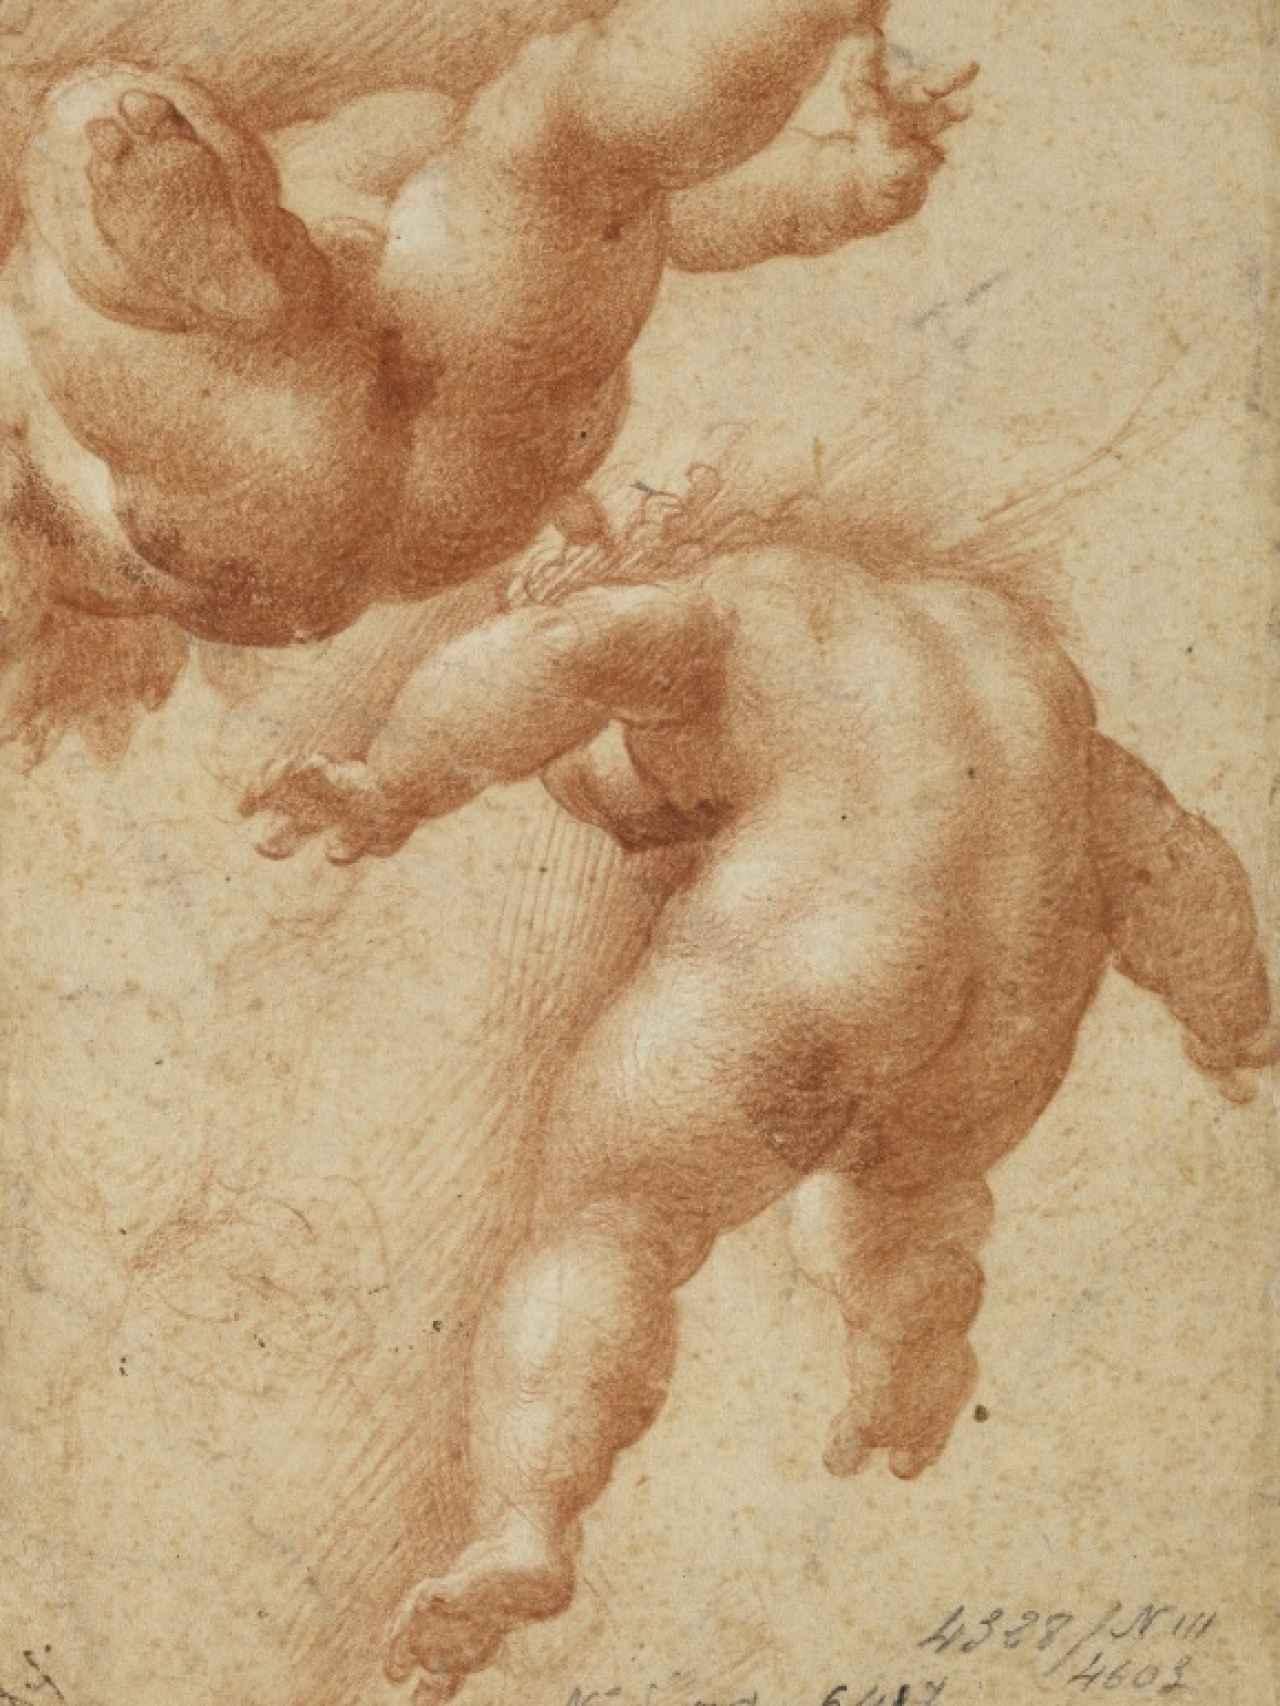 Dos puttis volantes, de Parmigianino